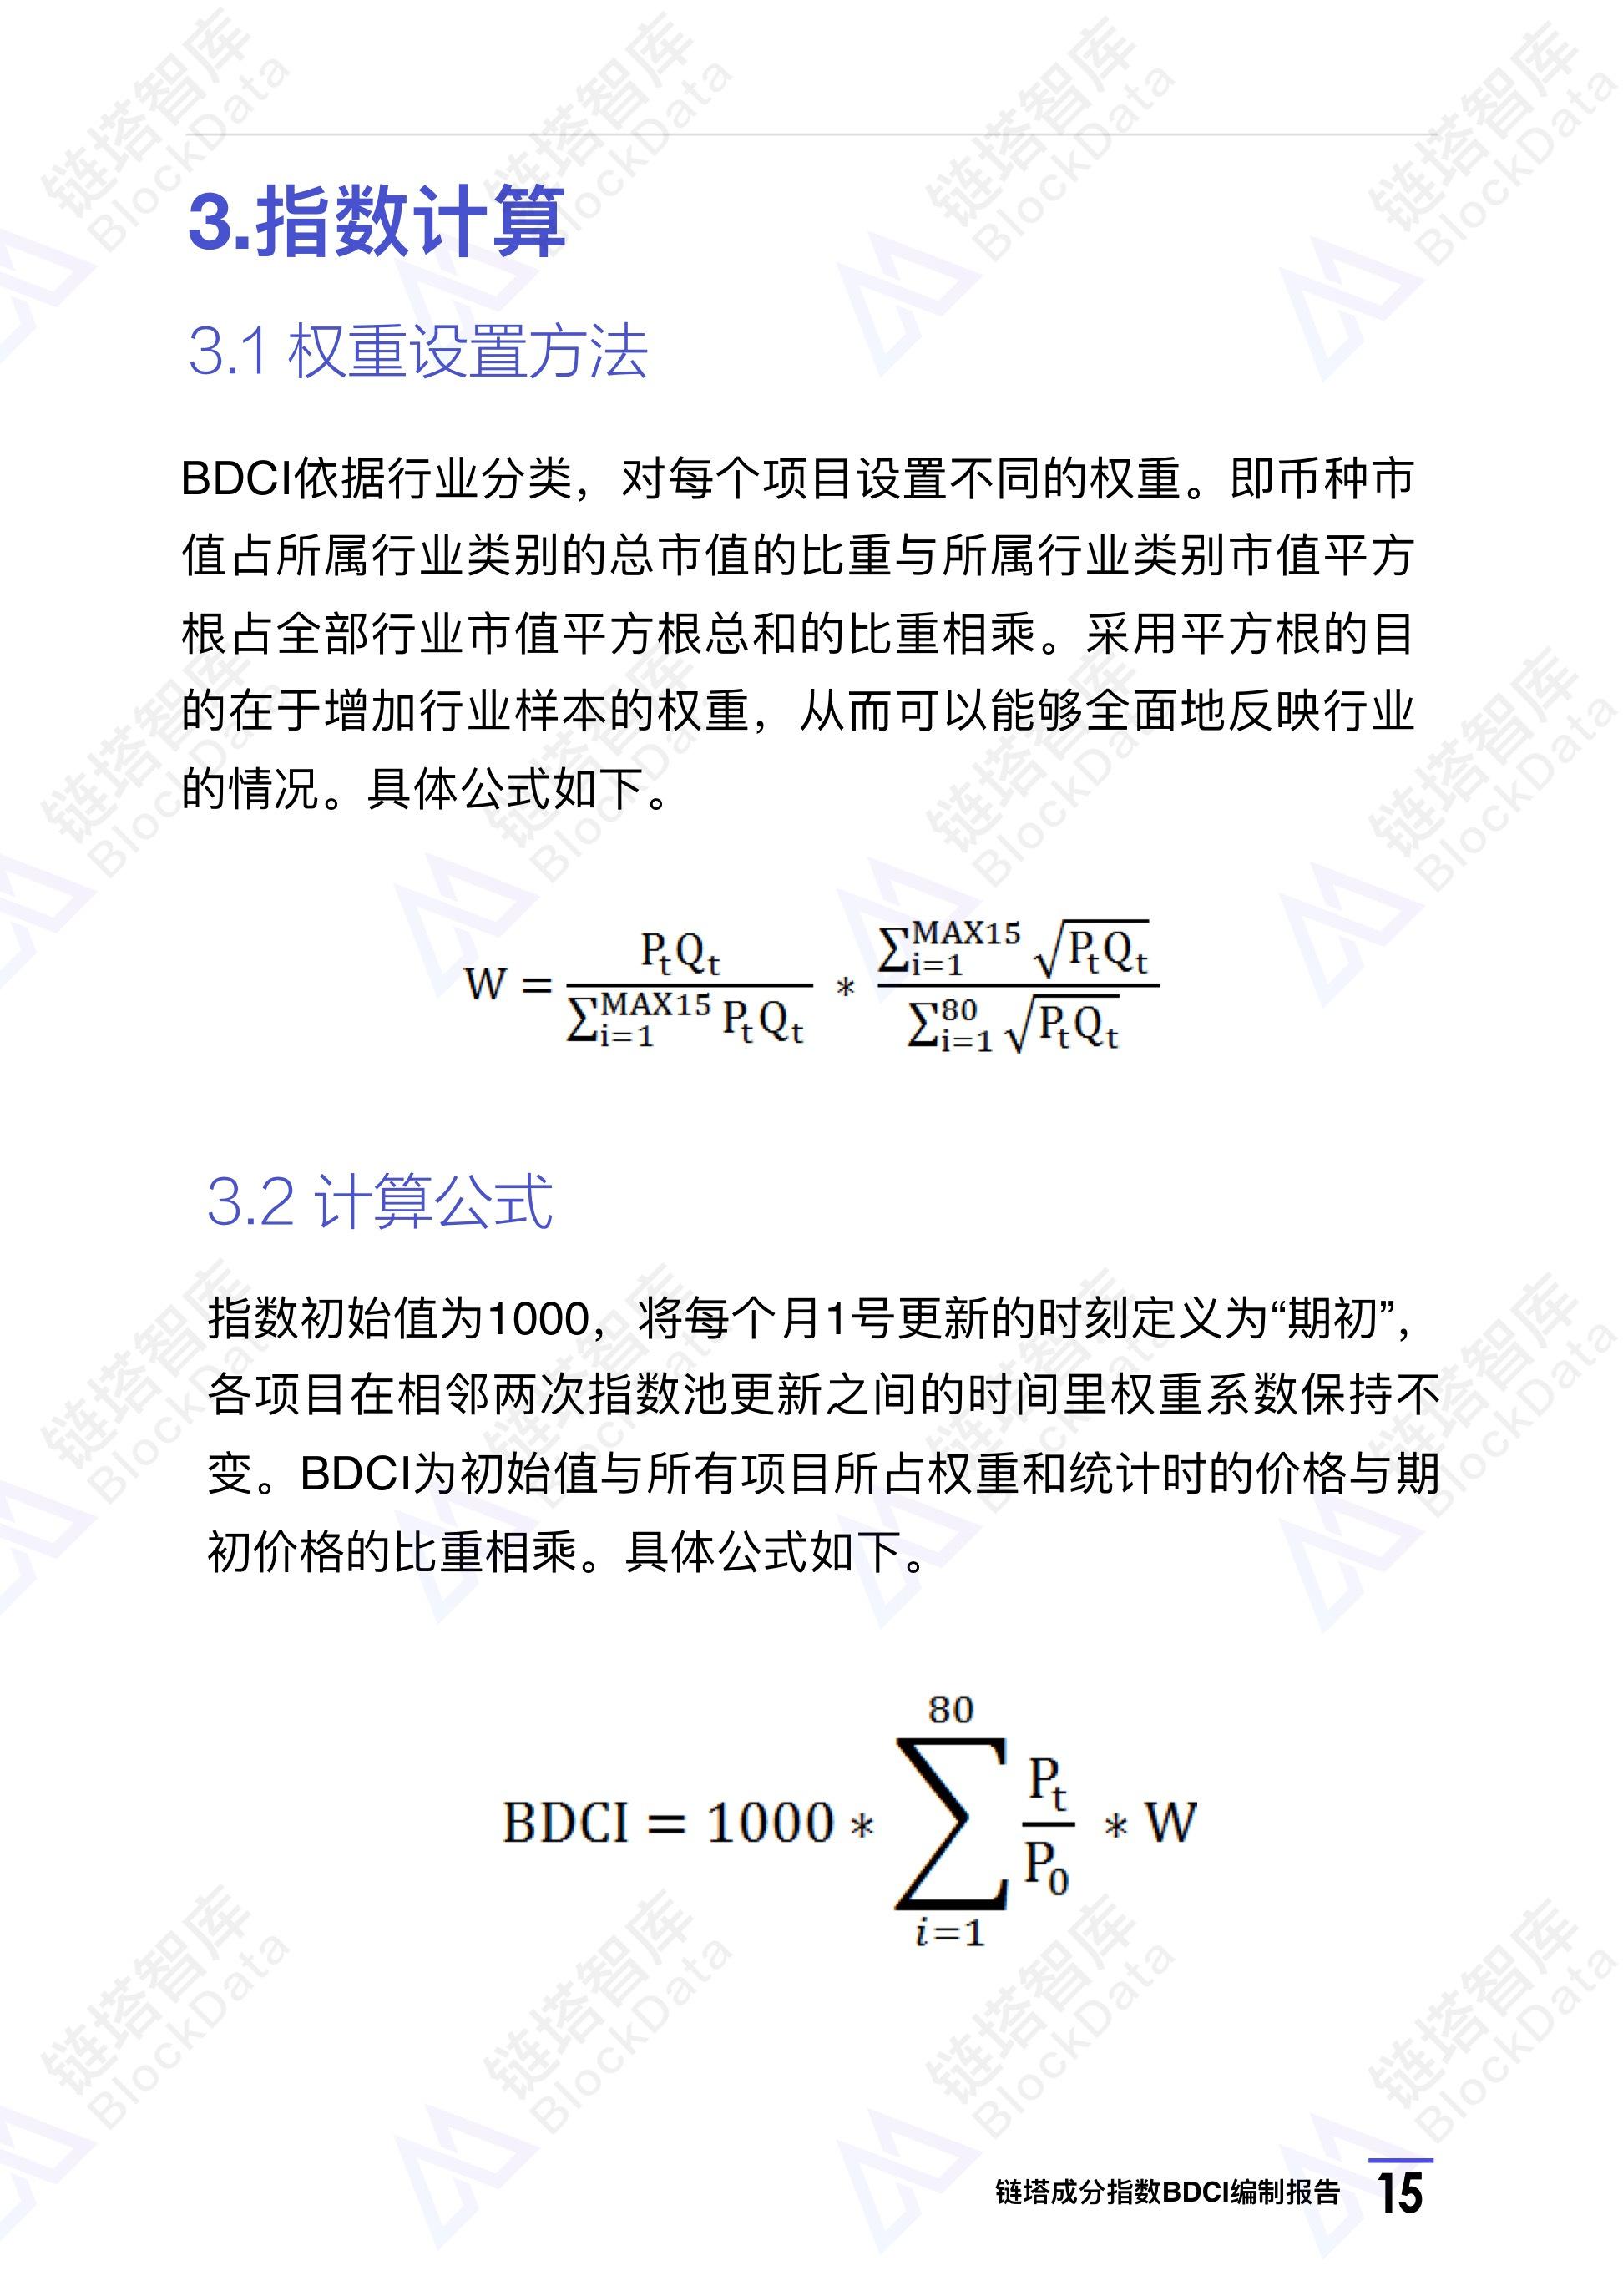 鏈塔成分指數BDCI:反映加密貨幣市場運行情況的基準指數 | 鏈塔智庫